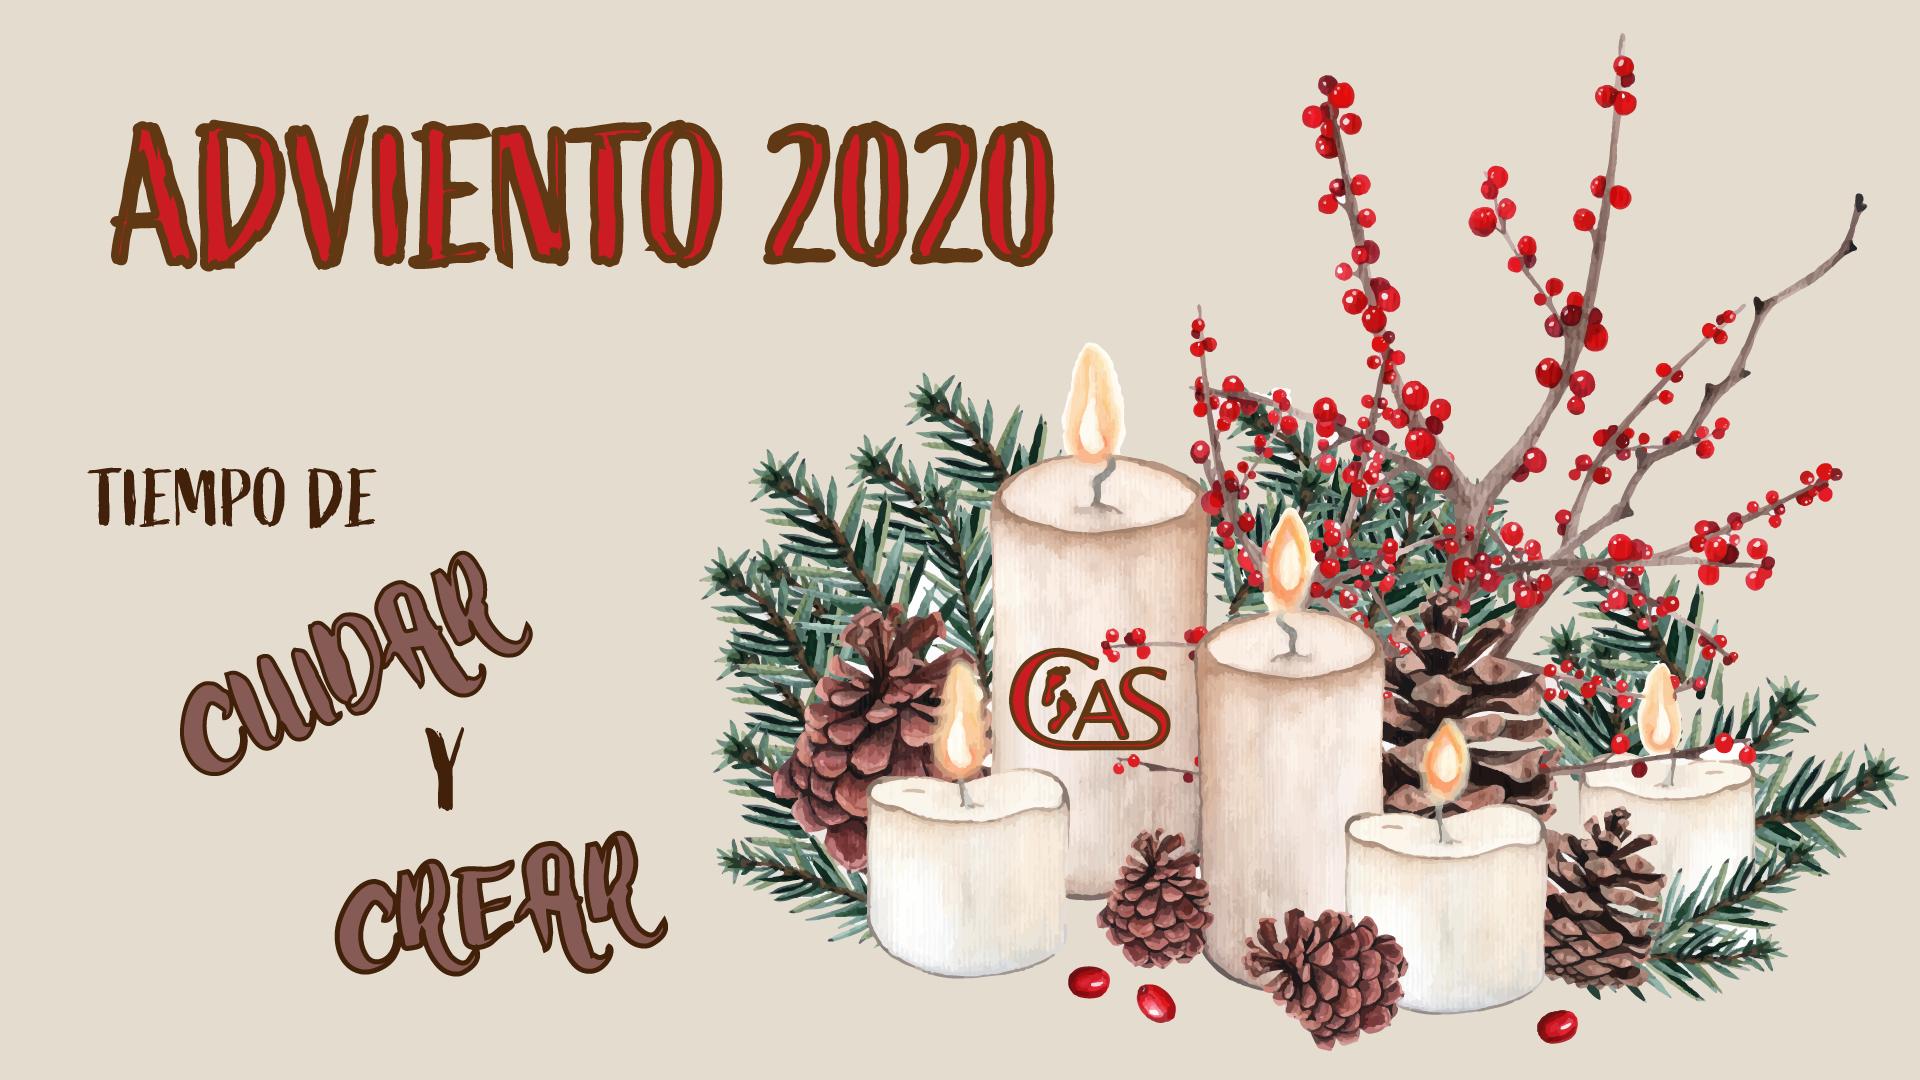 ADVIENTO 2020: TIEMPO DE CUIDAR Y DE CREAR